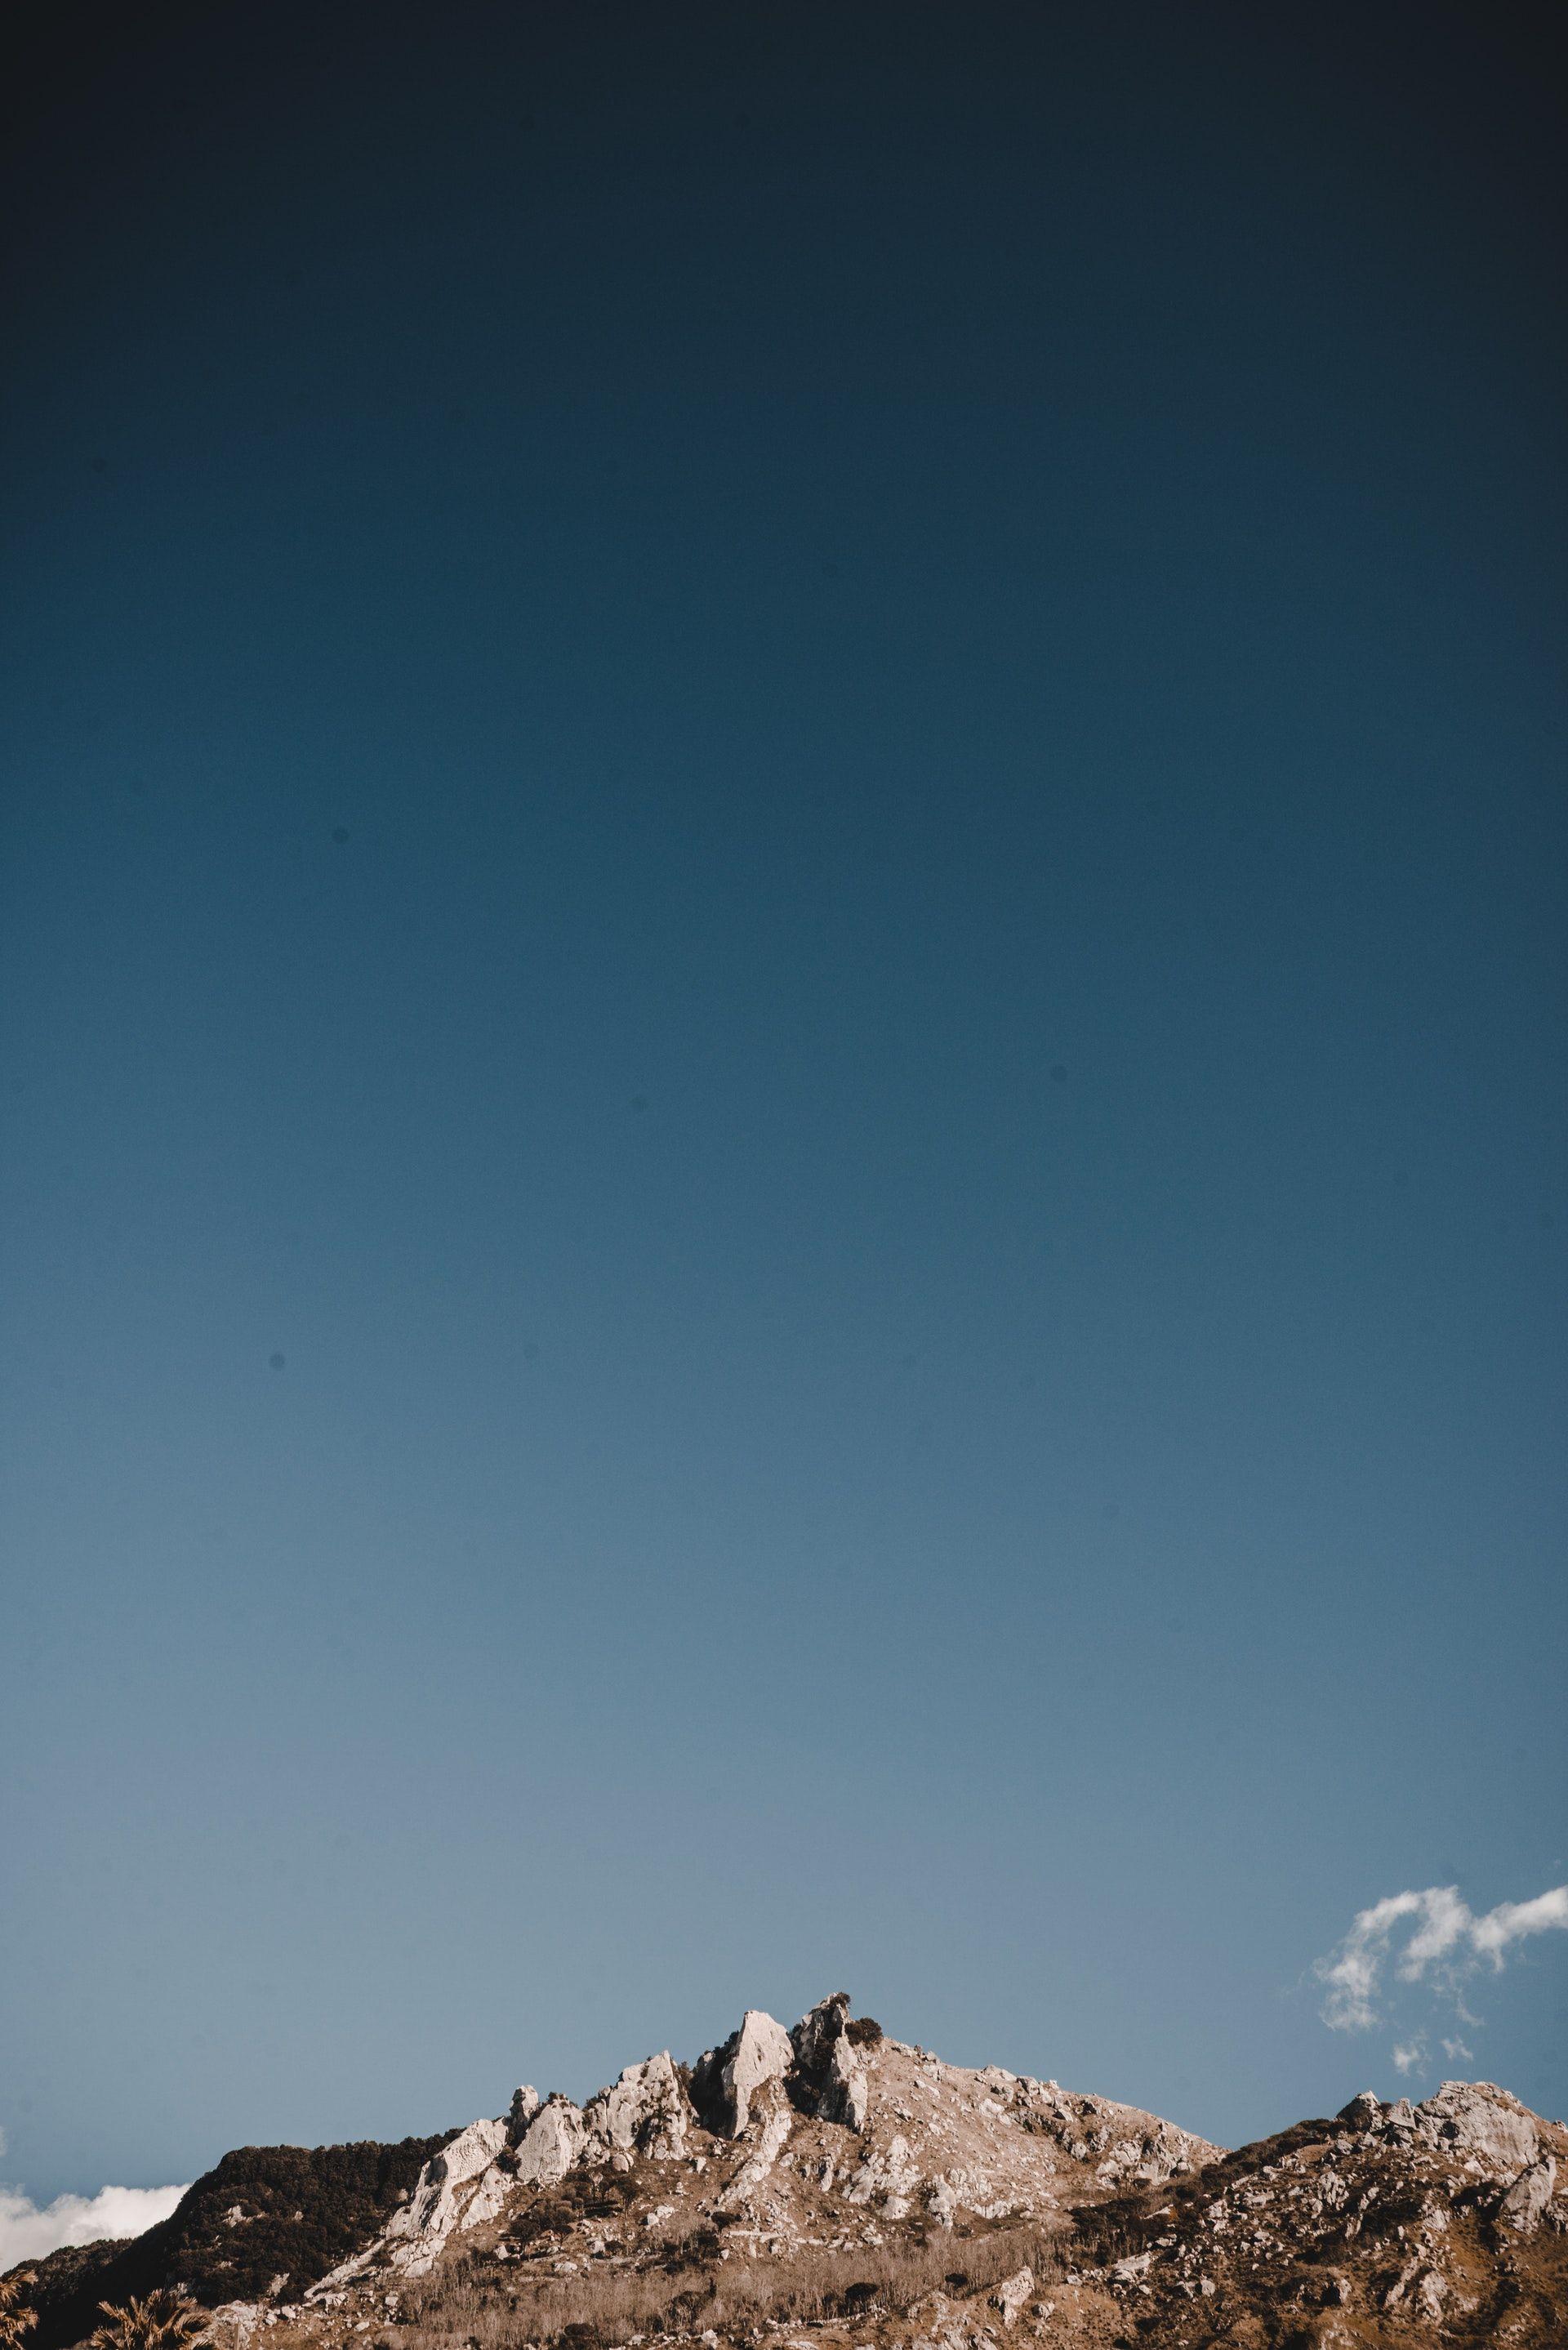 عکس زمینه کوه در آبی آسمان پس زمینه